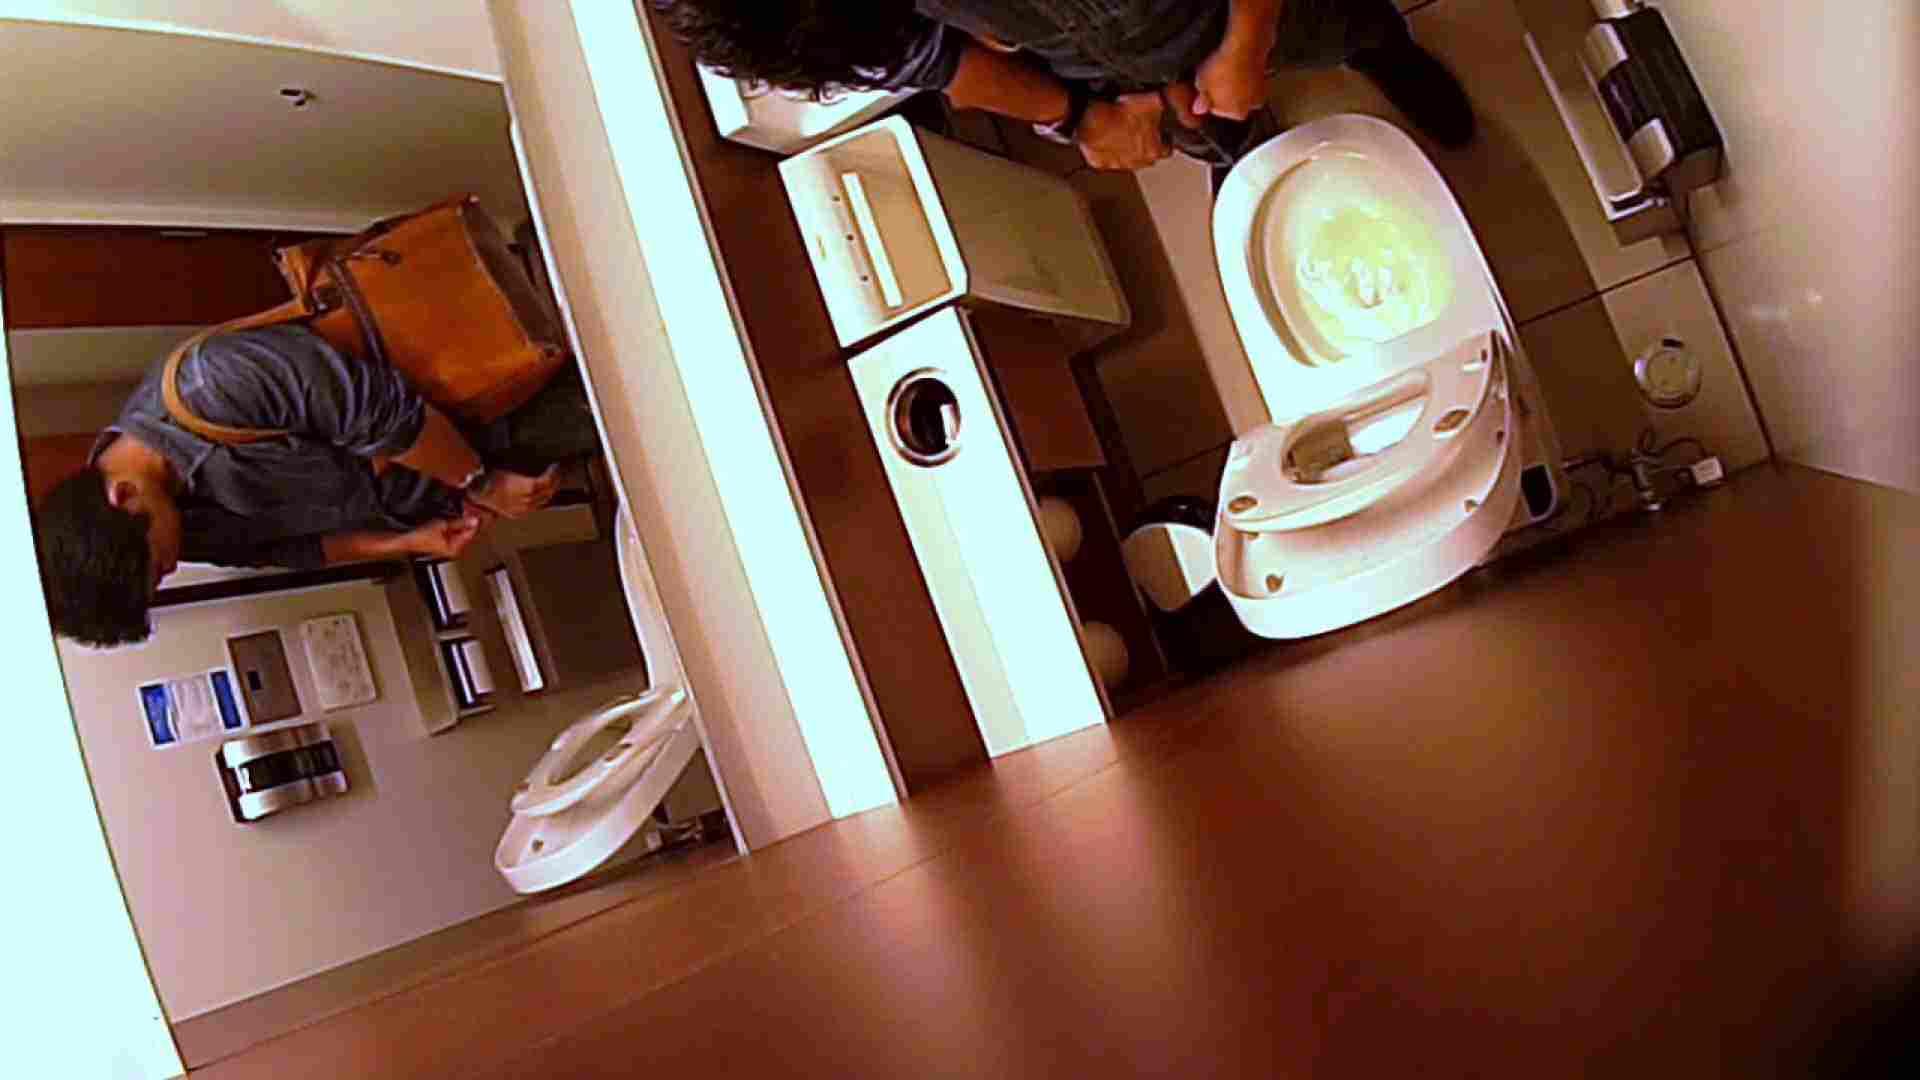 すみませんが覗かせてください Vol.31 トイレ | 0  94pic 34